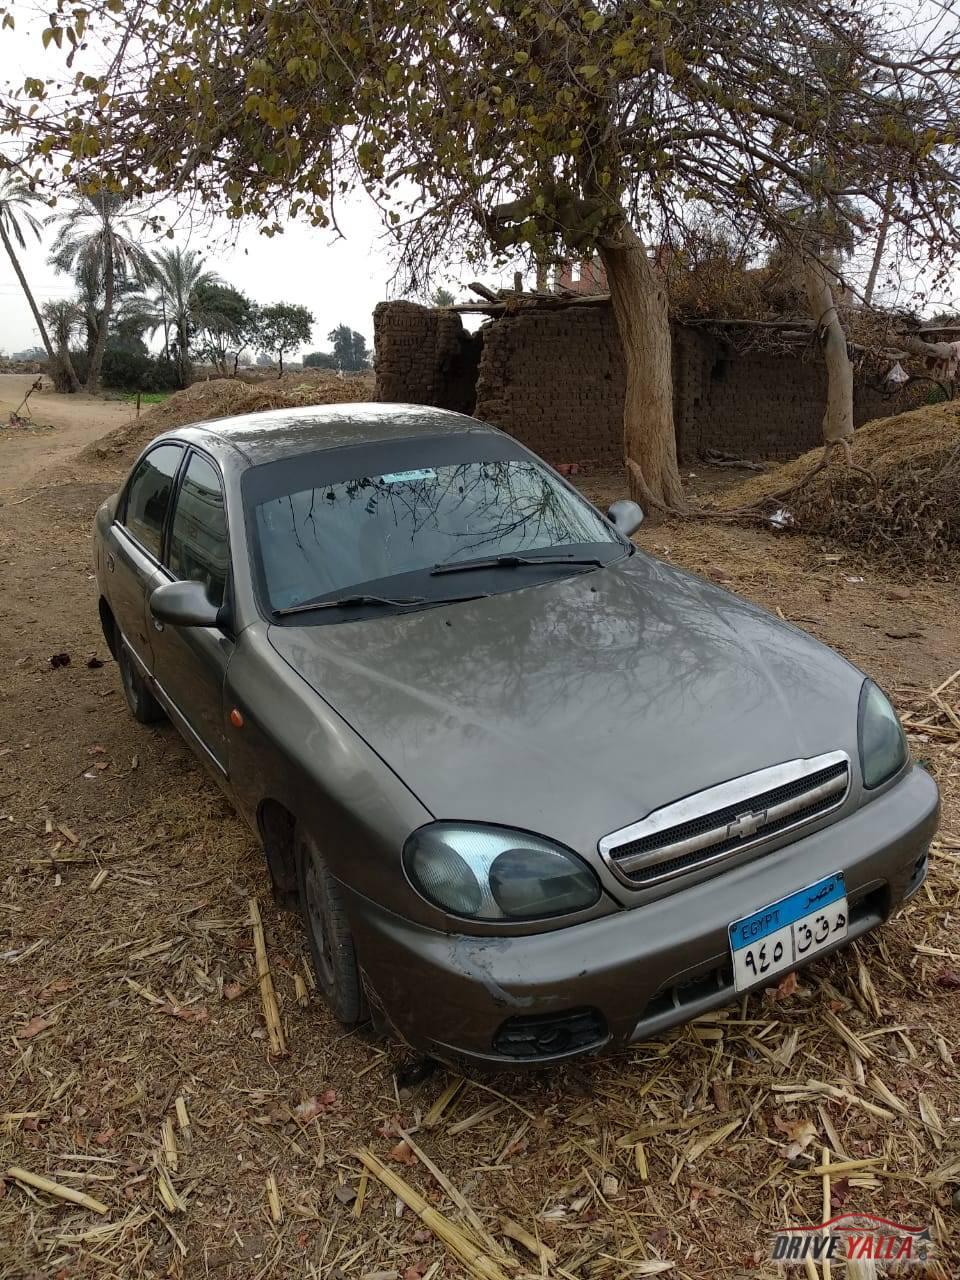 شيفرولية  لانوس  مستعملة للبيع فى مصر  ٢٠٠٩